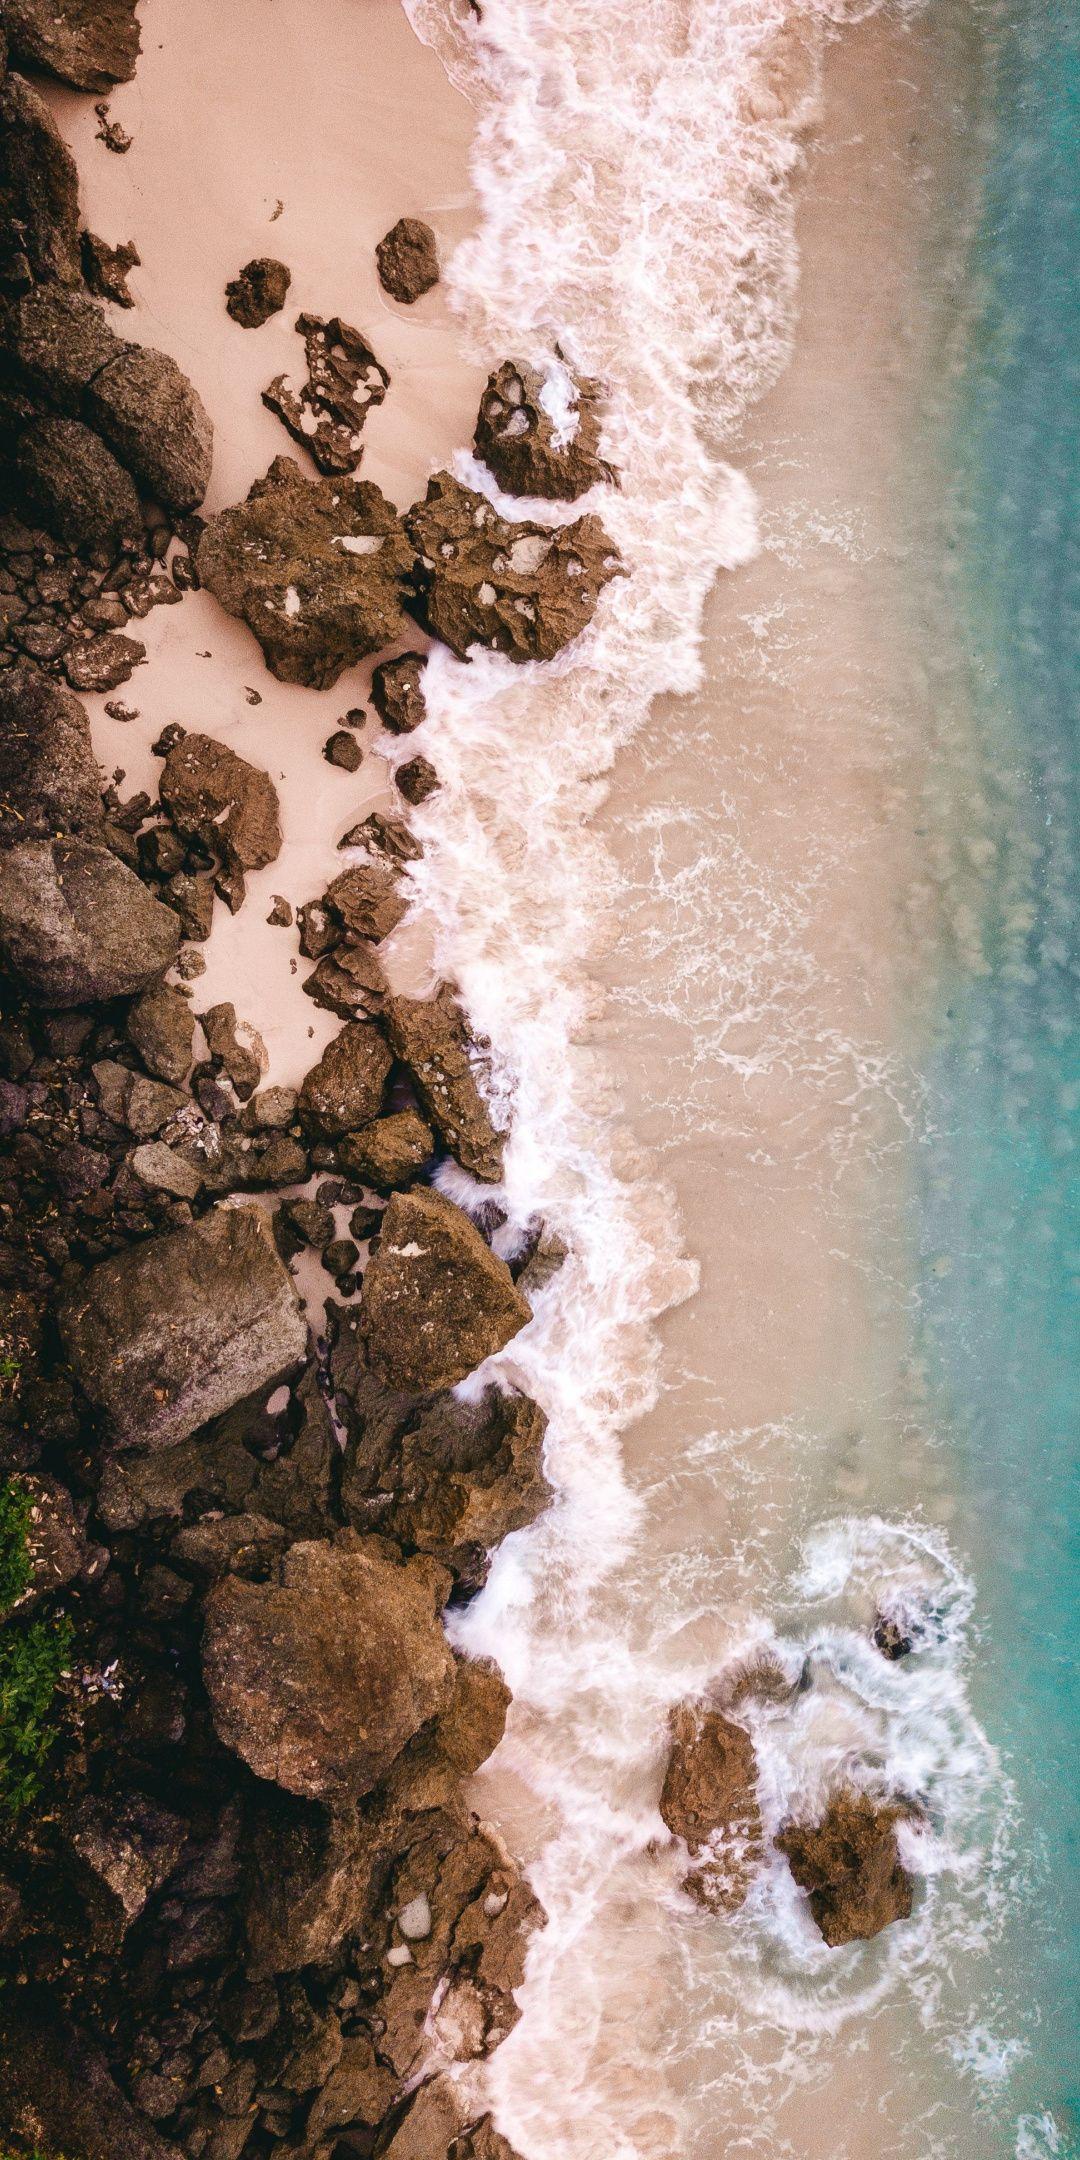 Beach Aerial View Rocks Sea Waves Sea 1080x2160 Wallpaper Drone Photography Aerial Photography Drone Aerial View Drone aerial shot trees beach coast